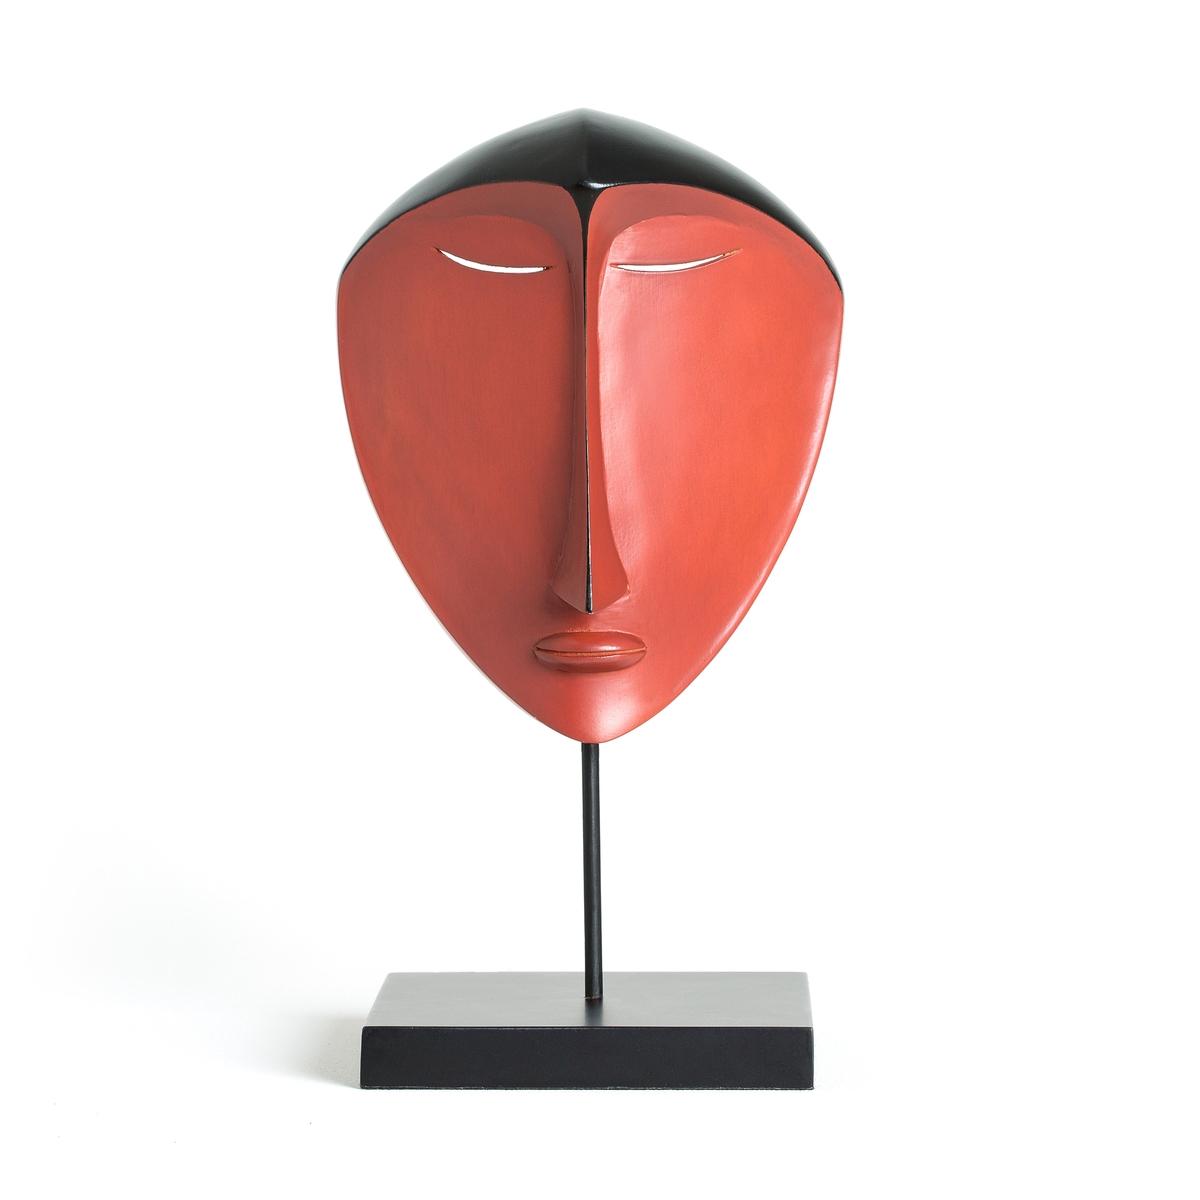 Маска в африканском стиле, NyalaМаска в африканском стиле Nyala . Невероятно стильная маска в африканском стиле Nyala принесет аутентичность и загадочность в ваш интерьер . Описание африканской маски Nyala :Дерево Дьяола (Alstonia scholaris) с резным рисунком  .Отделка под терракоту .Найдите всю нашу коллекцию предметов декора Nyala на сайте laredoute .ruРазмеры африканской маски Nyala :Ширина : 20 смВысота : 32 смГлубина : 18 см.<br><br>Цвет: терракота<br>Размер: единый размер